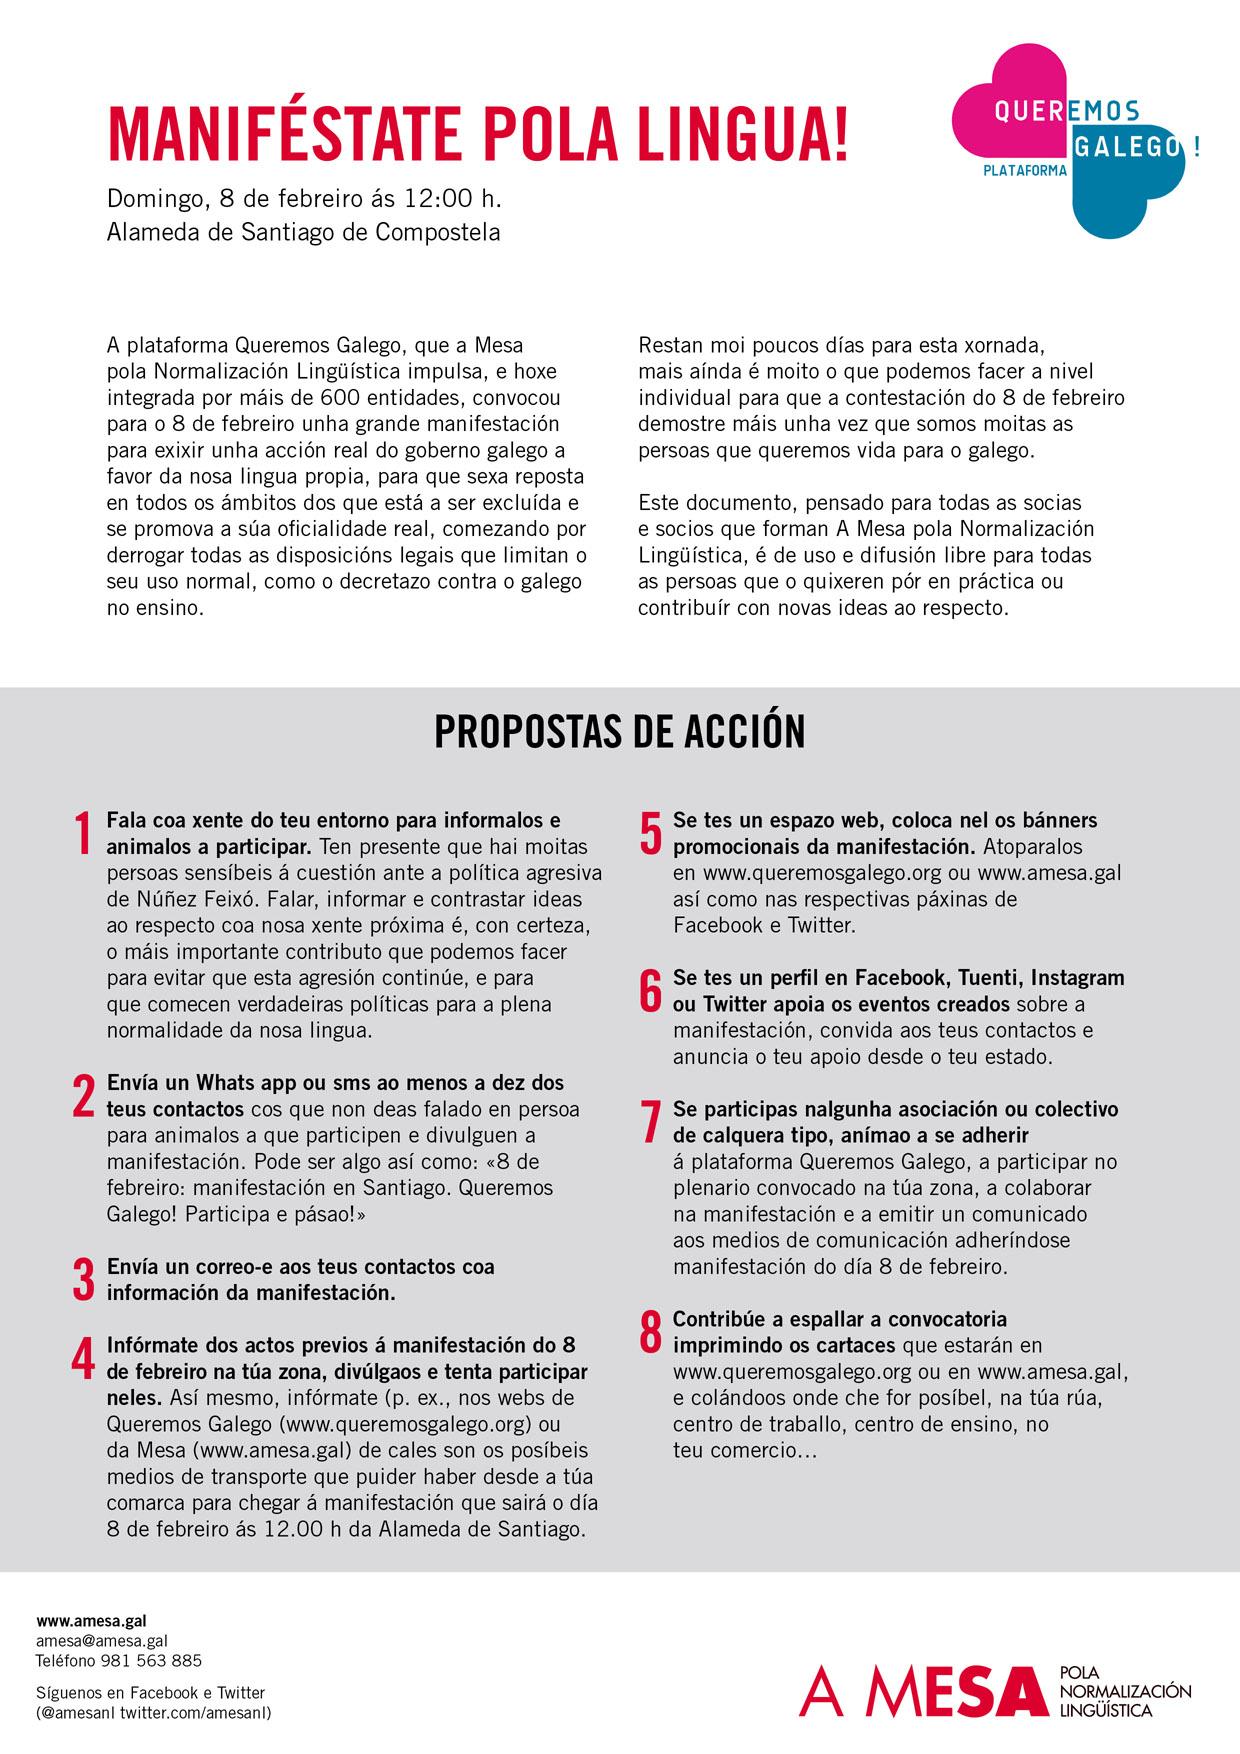 Propostas de acción para a manifestación de Queremos Galego do 8 de febreiro